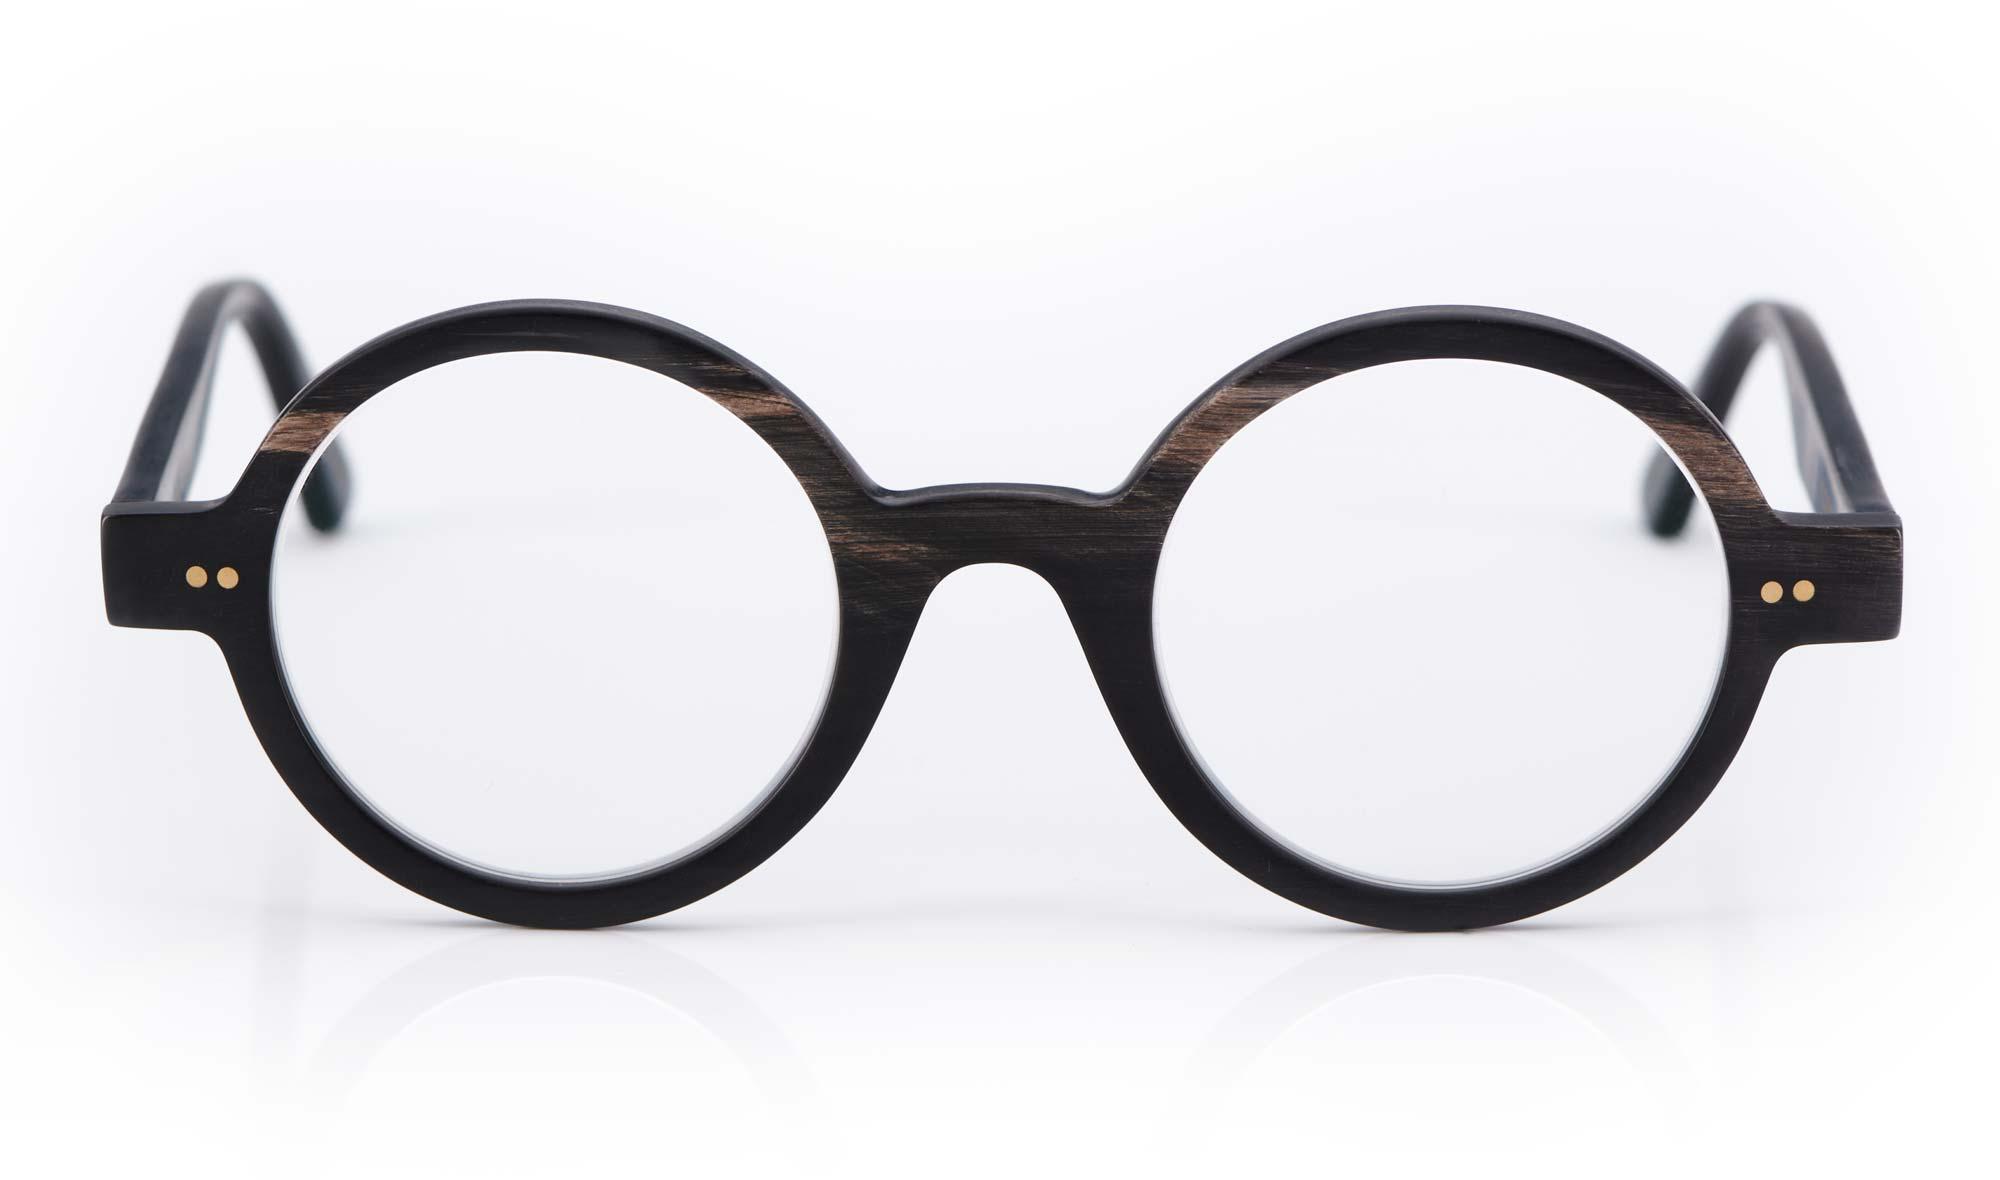 Kitschenberg Horn – runde Büffelhorn Brille – echtes natürliches Horn – Horn Maserung - KITSCHENBERG Brillen